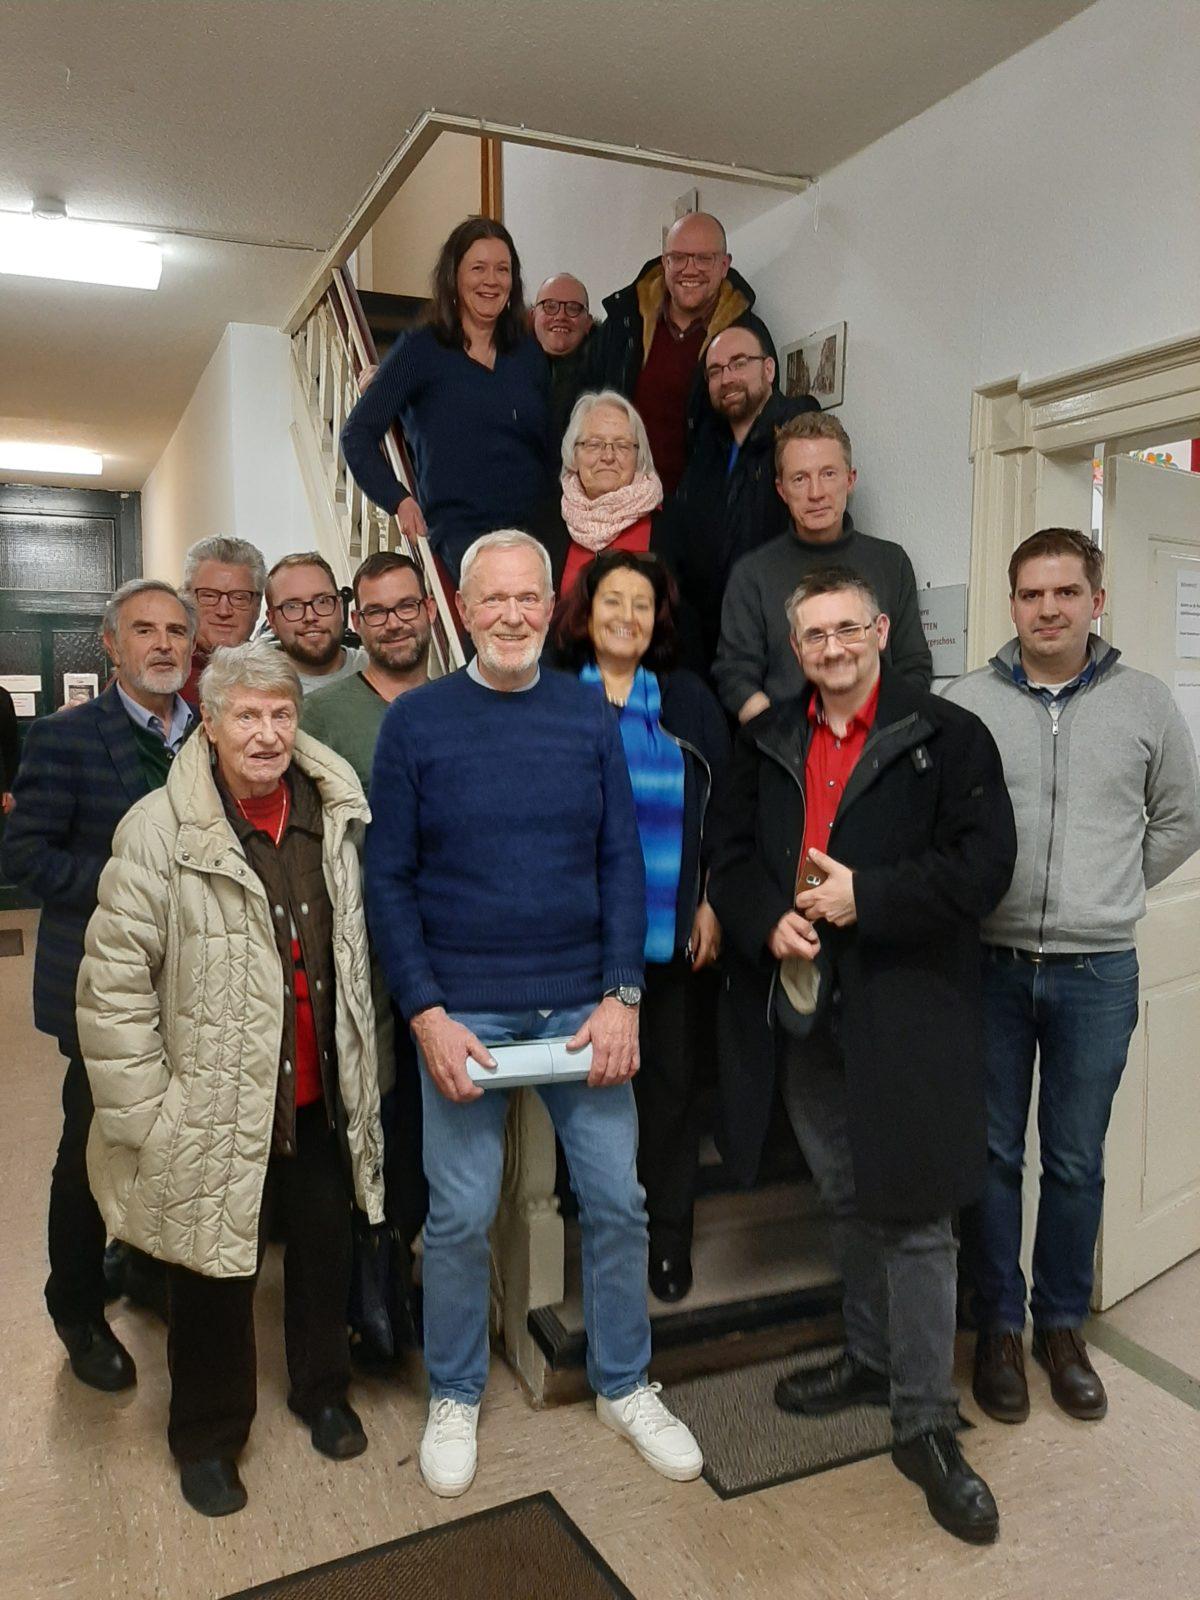 Jahreshauptversammlung 2020 des SPD-Ortsvereins Lüttringhausen am 10.03.2020